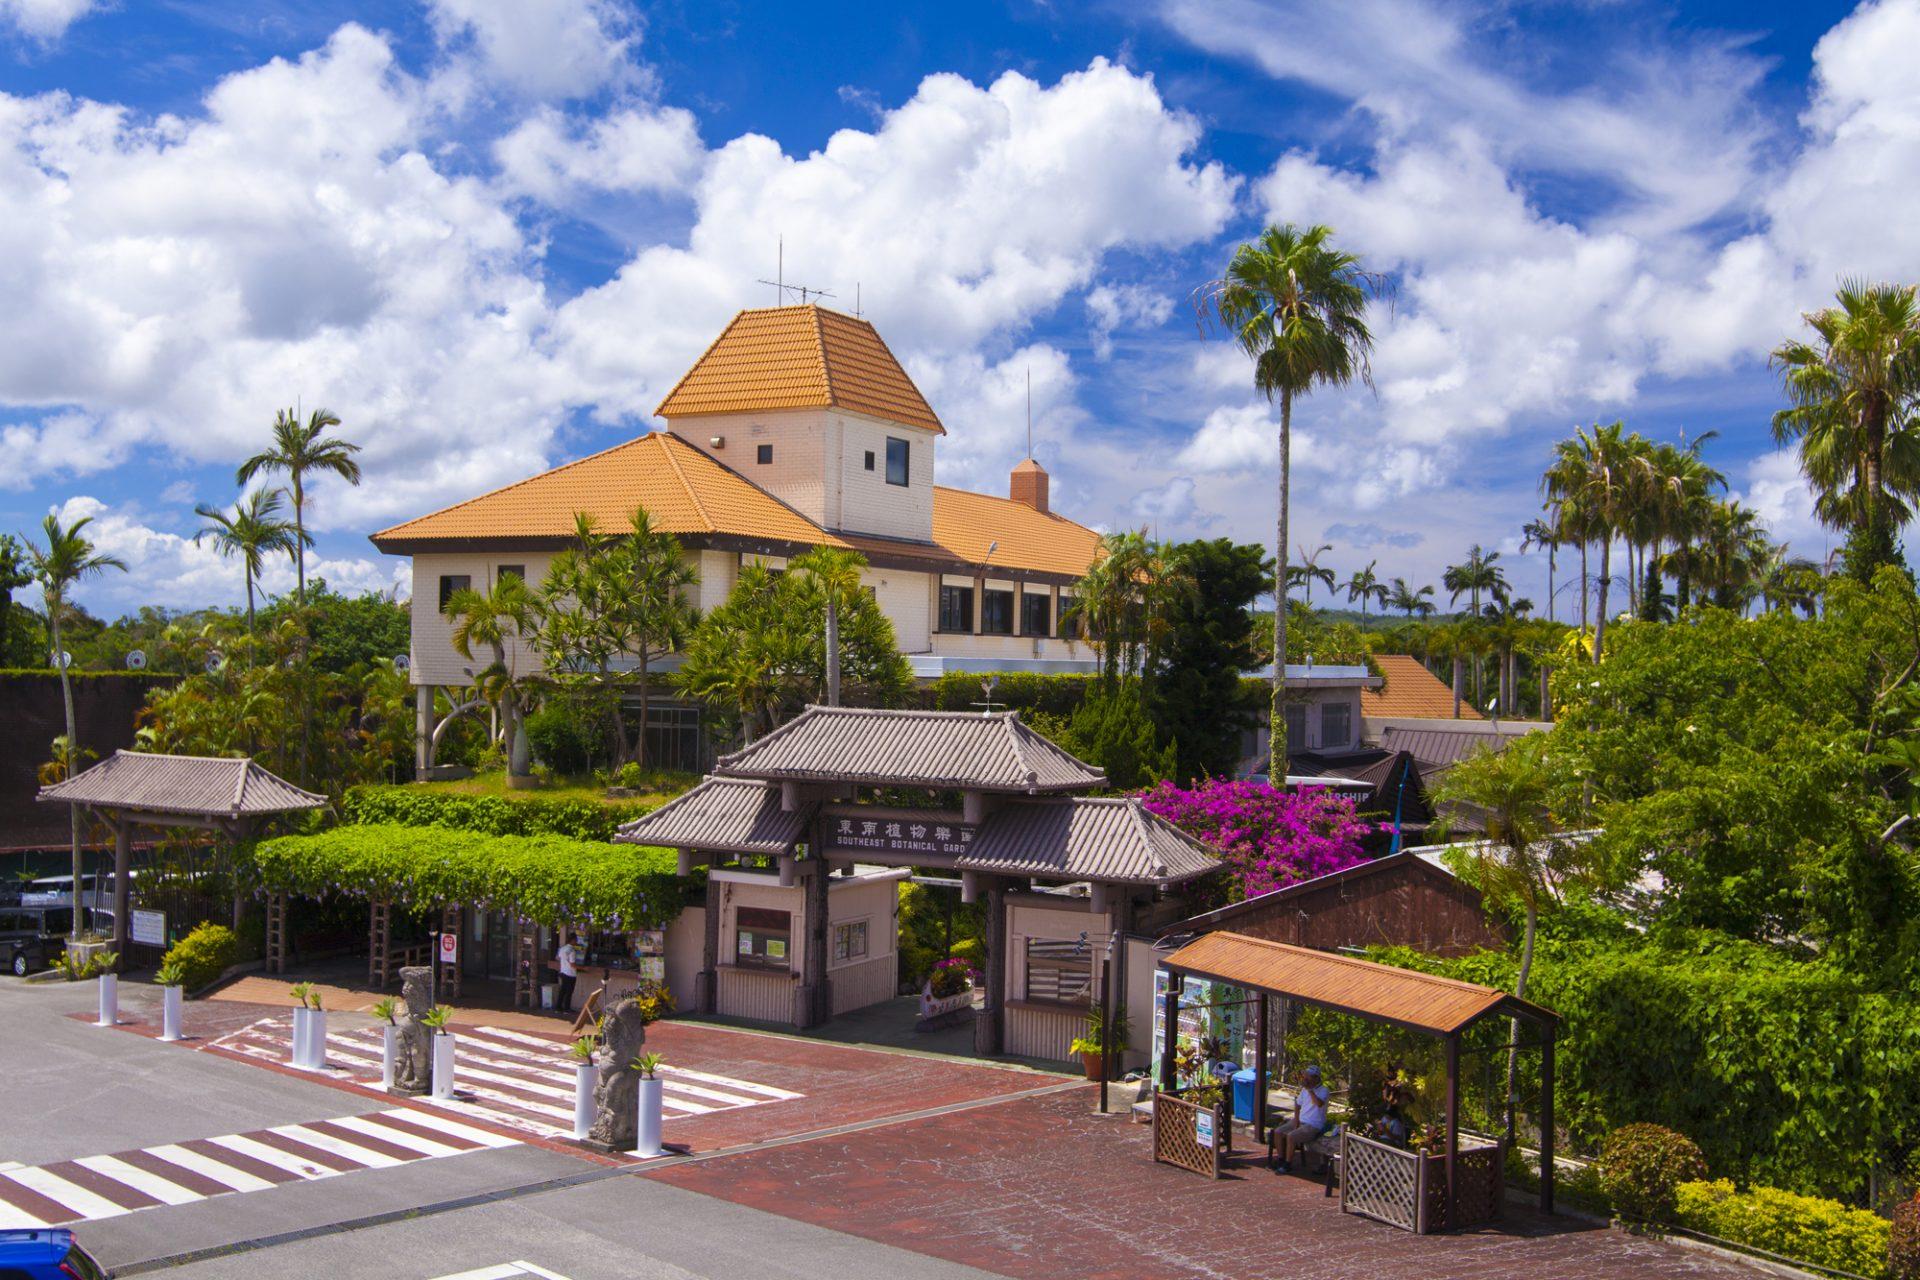 沖縄市の観光スポット①「東南植物楽園」